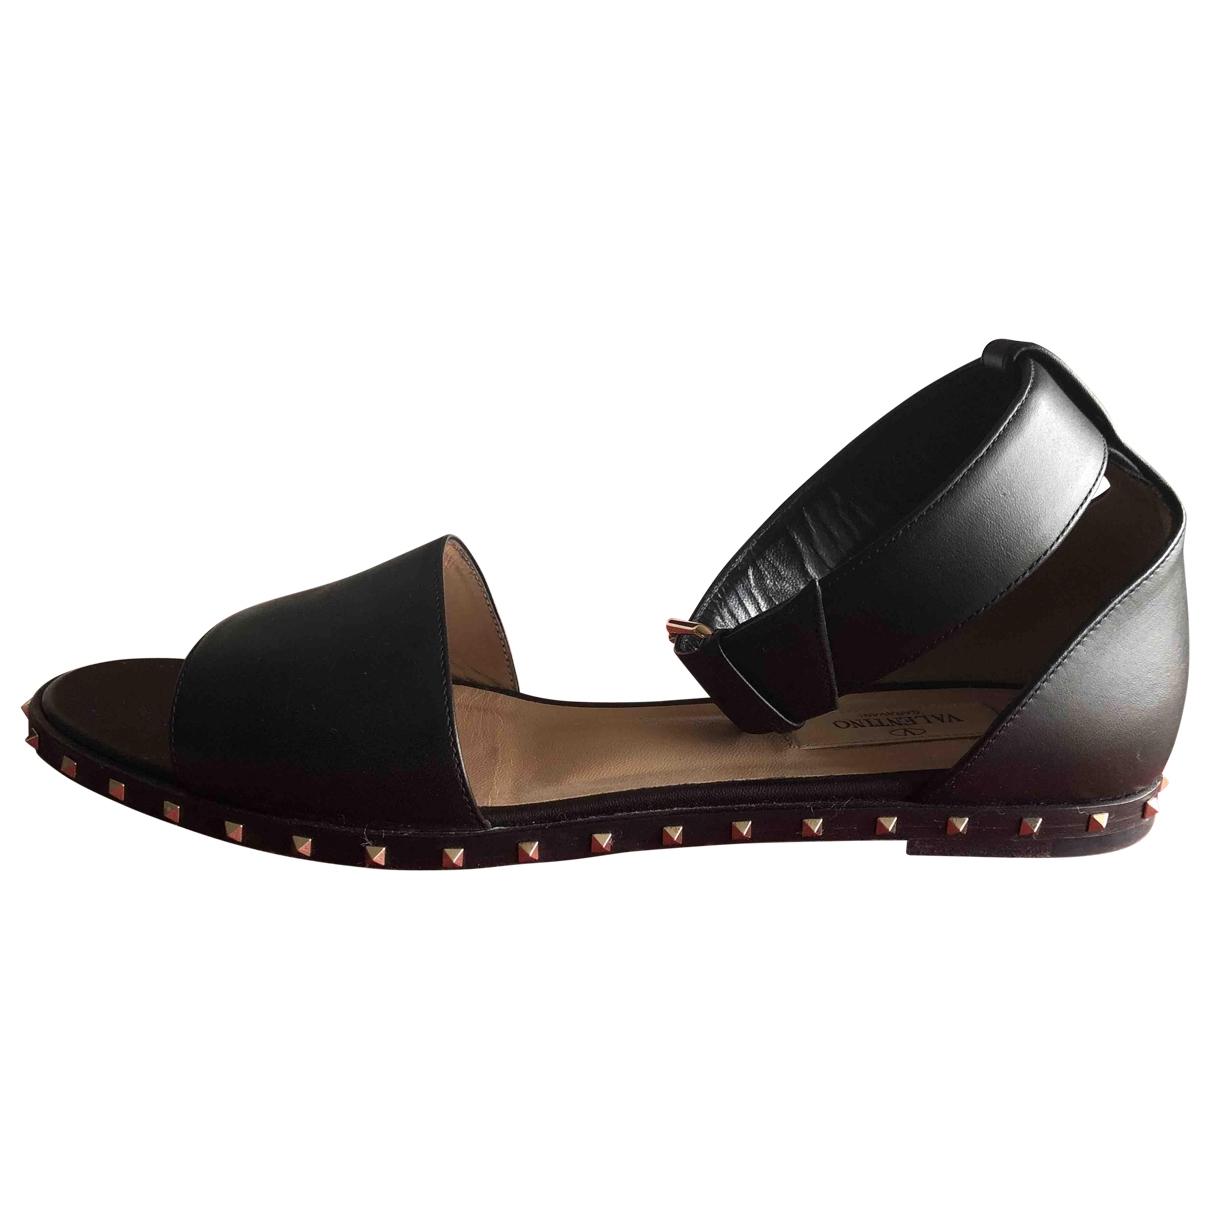 Jimmy Choo - Sandales   pour femme en cuir verni - noir